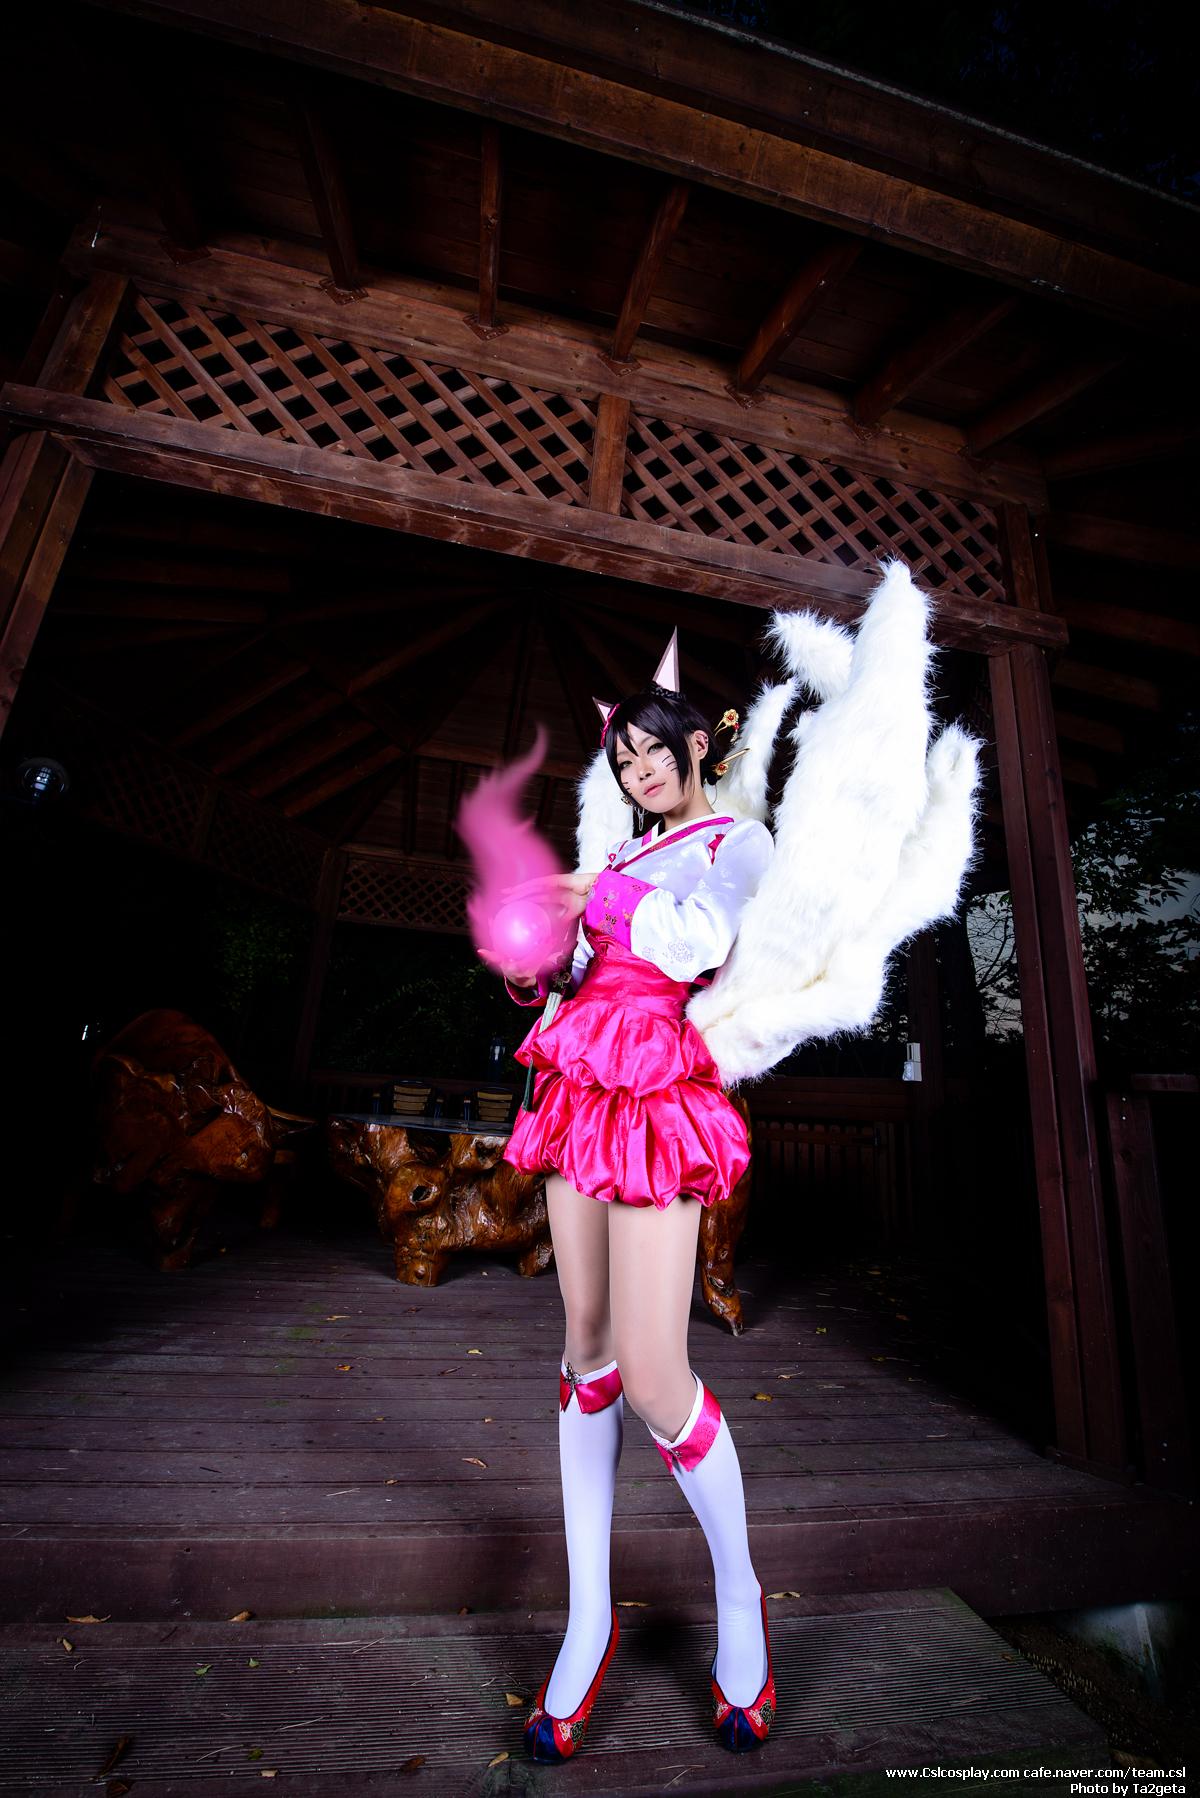 Ngắm cosplay Ahri Hàn Triều cực quyến rũ - Ảnh 6